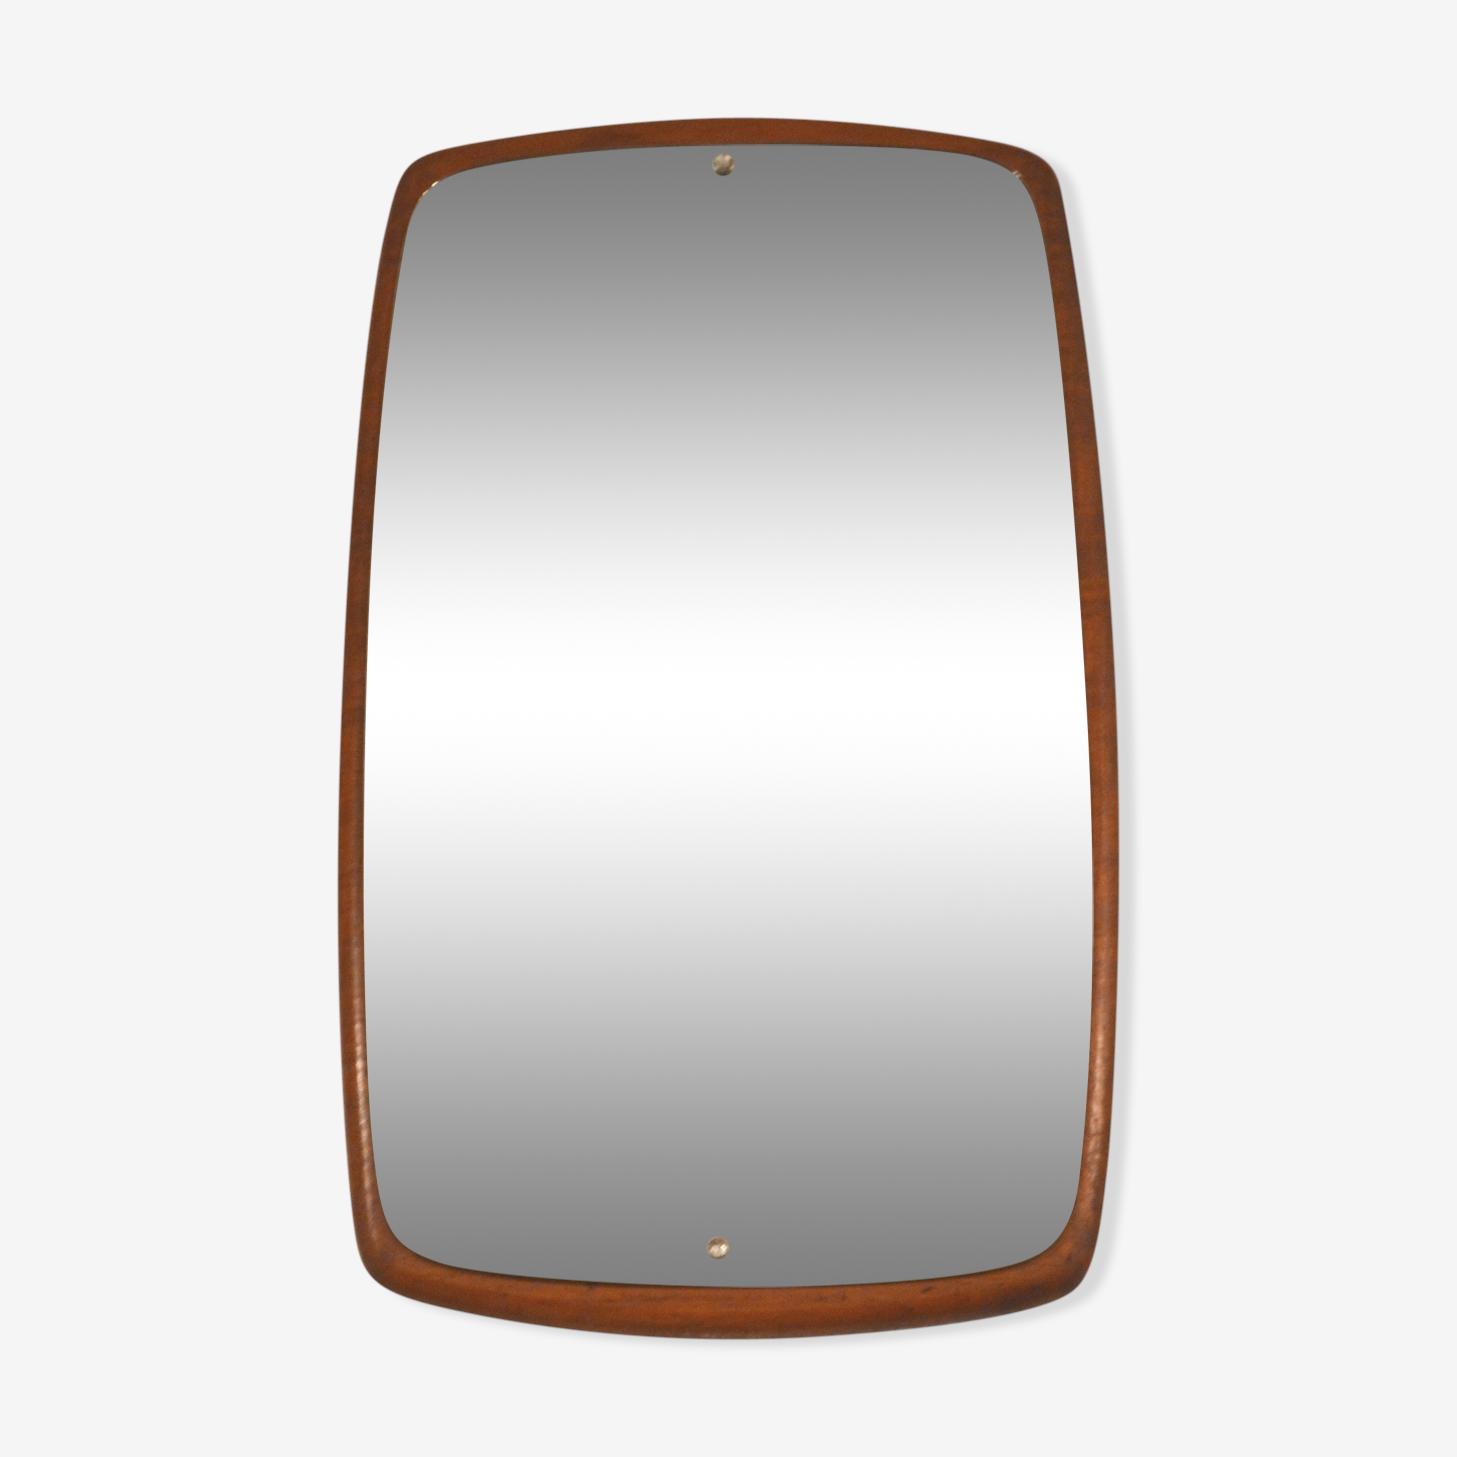 Scandinavian teak 60s mirror 66 x 38 cm